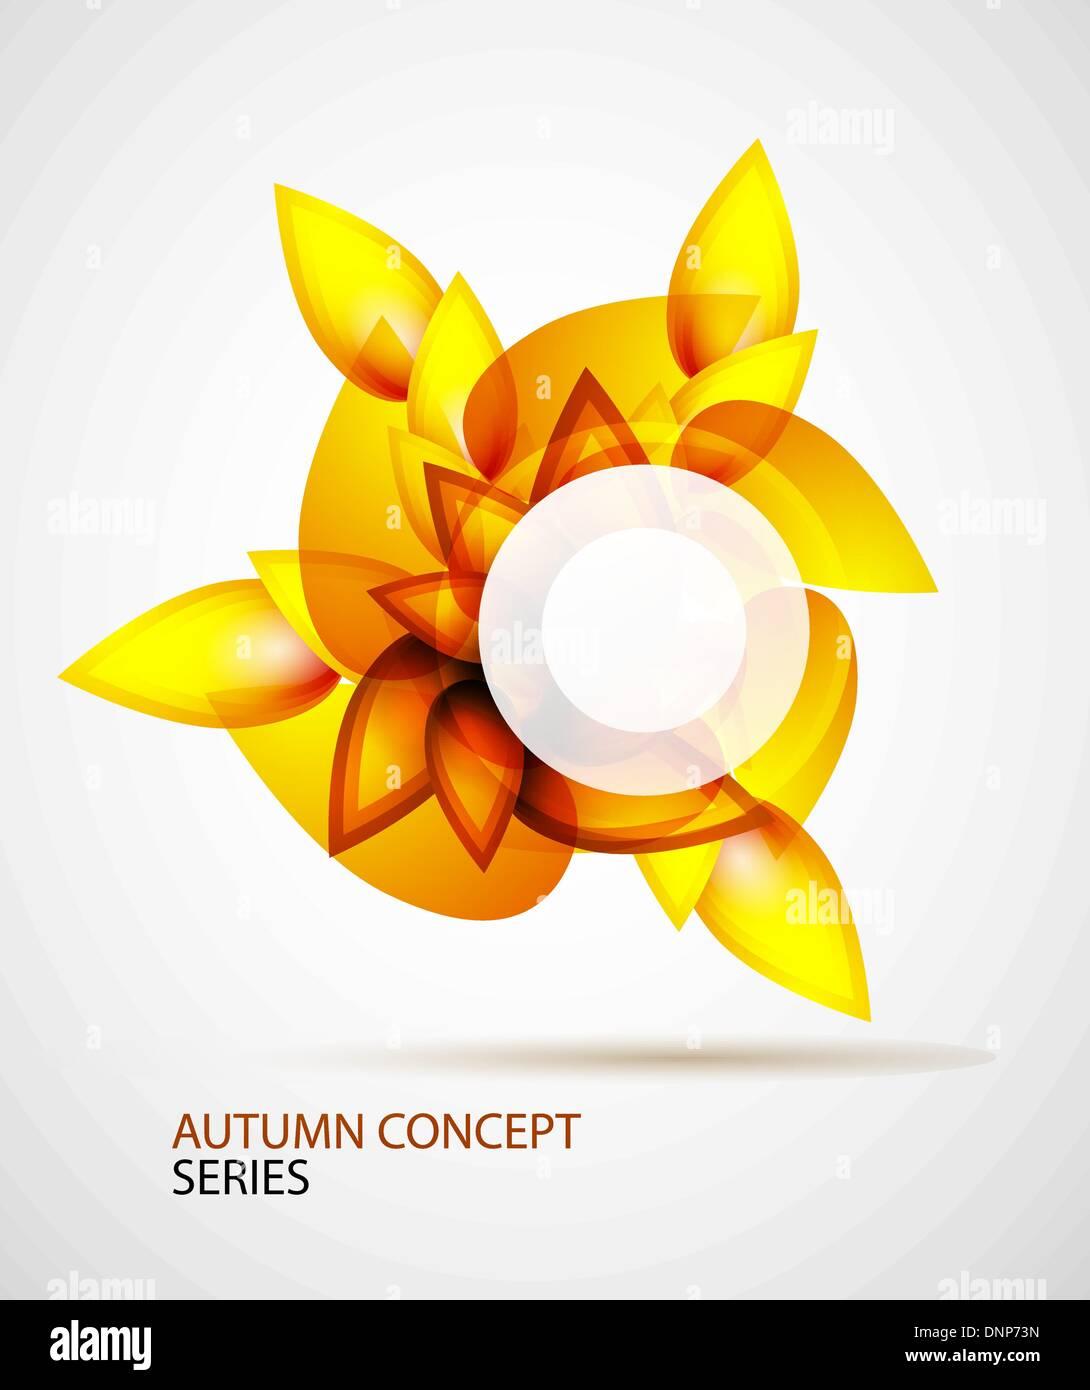 Vector abstract concept automne faites de feuilles d'oranger Photo Stock